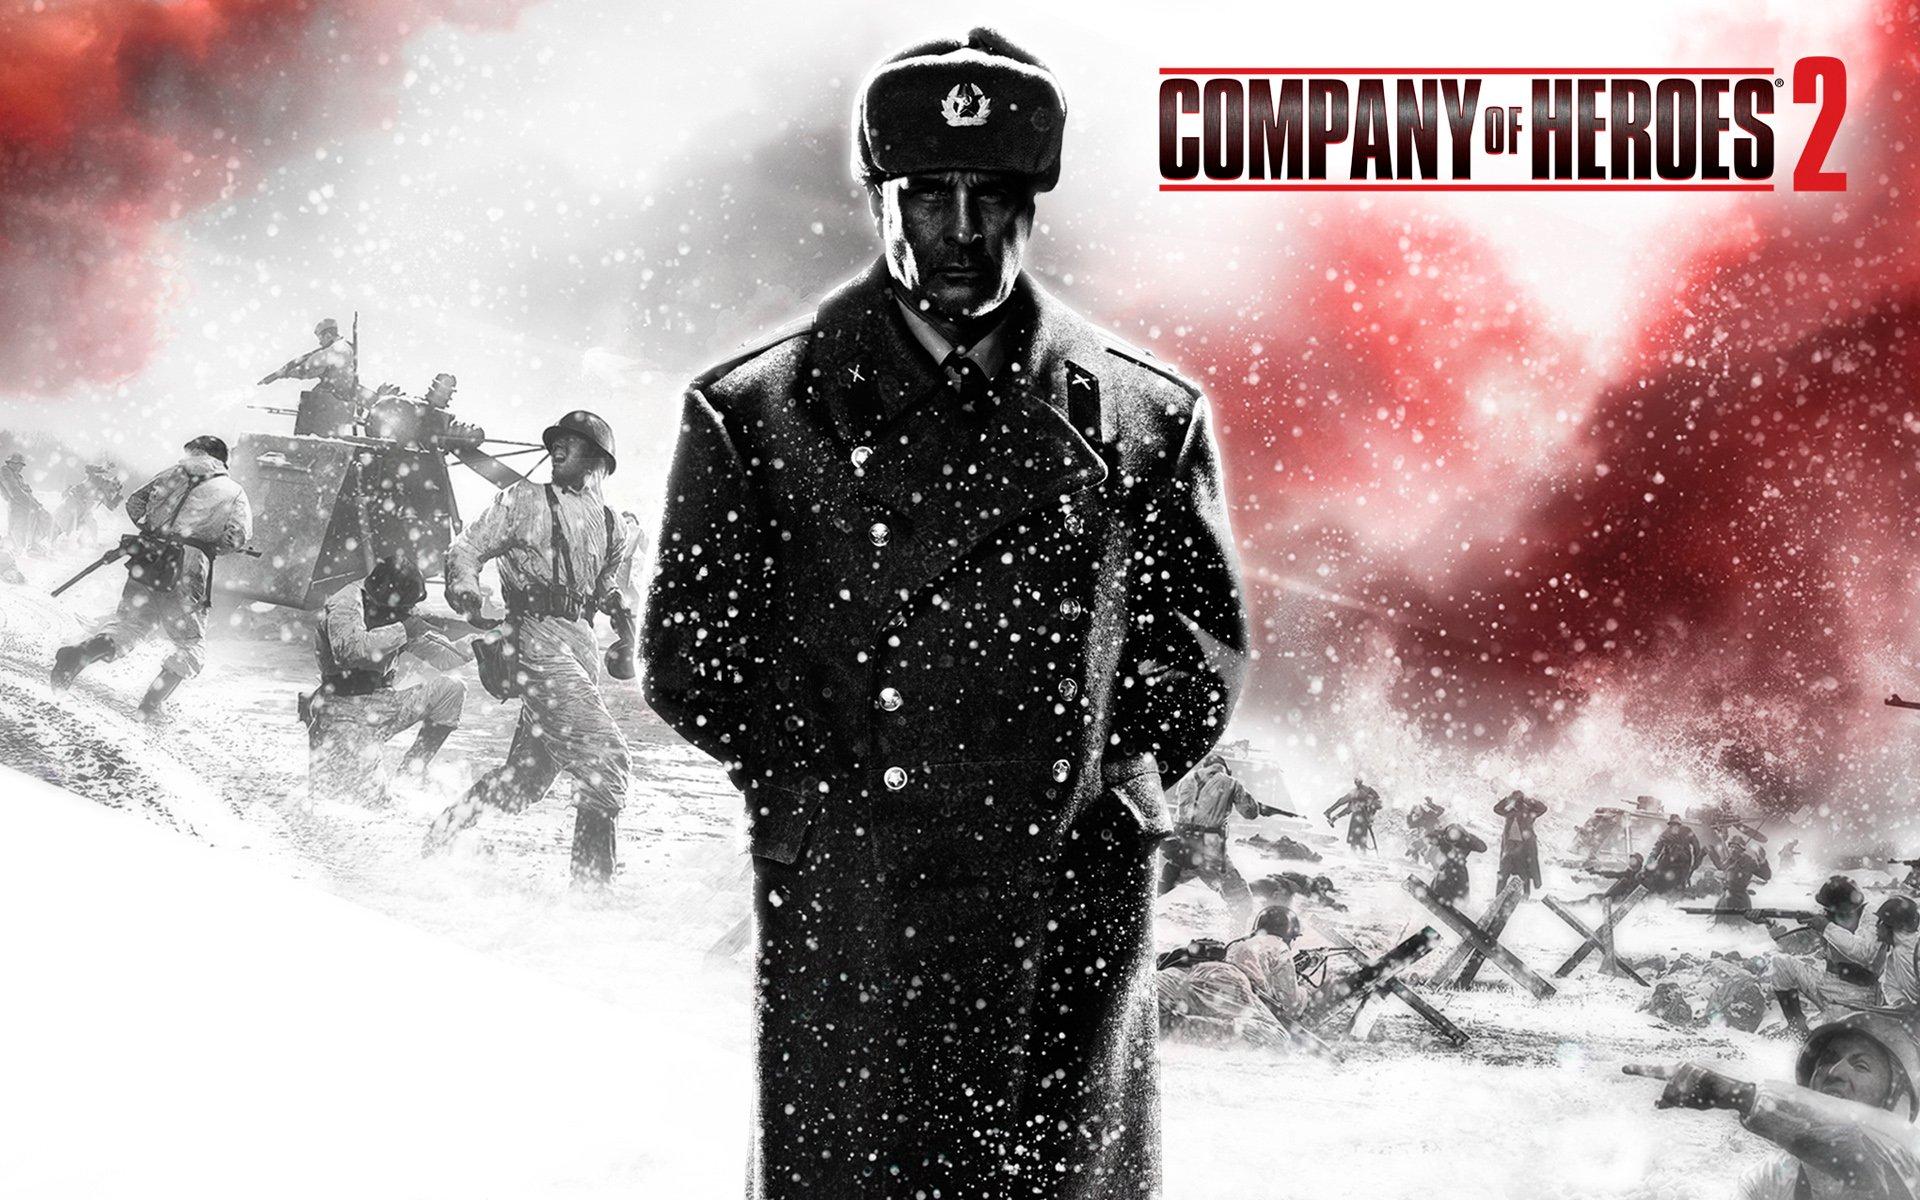 """Зашёл тут в """"Белый Ветер - Цифровой"""" на прилавке лежат коллекционки Company of Heroes 2, все ваши усилия были беспол ... - Изображение 1"""